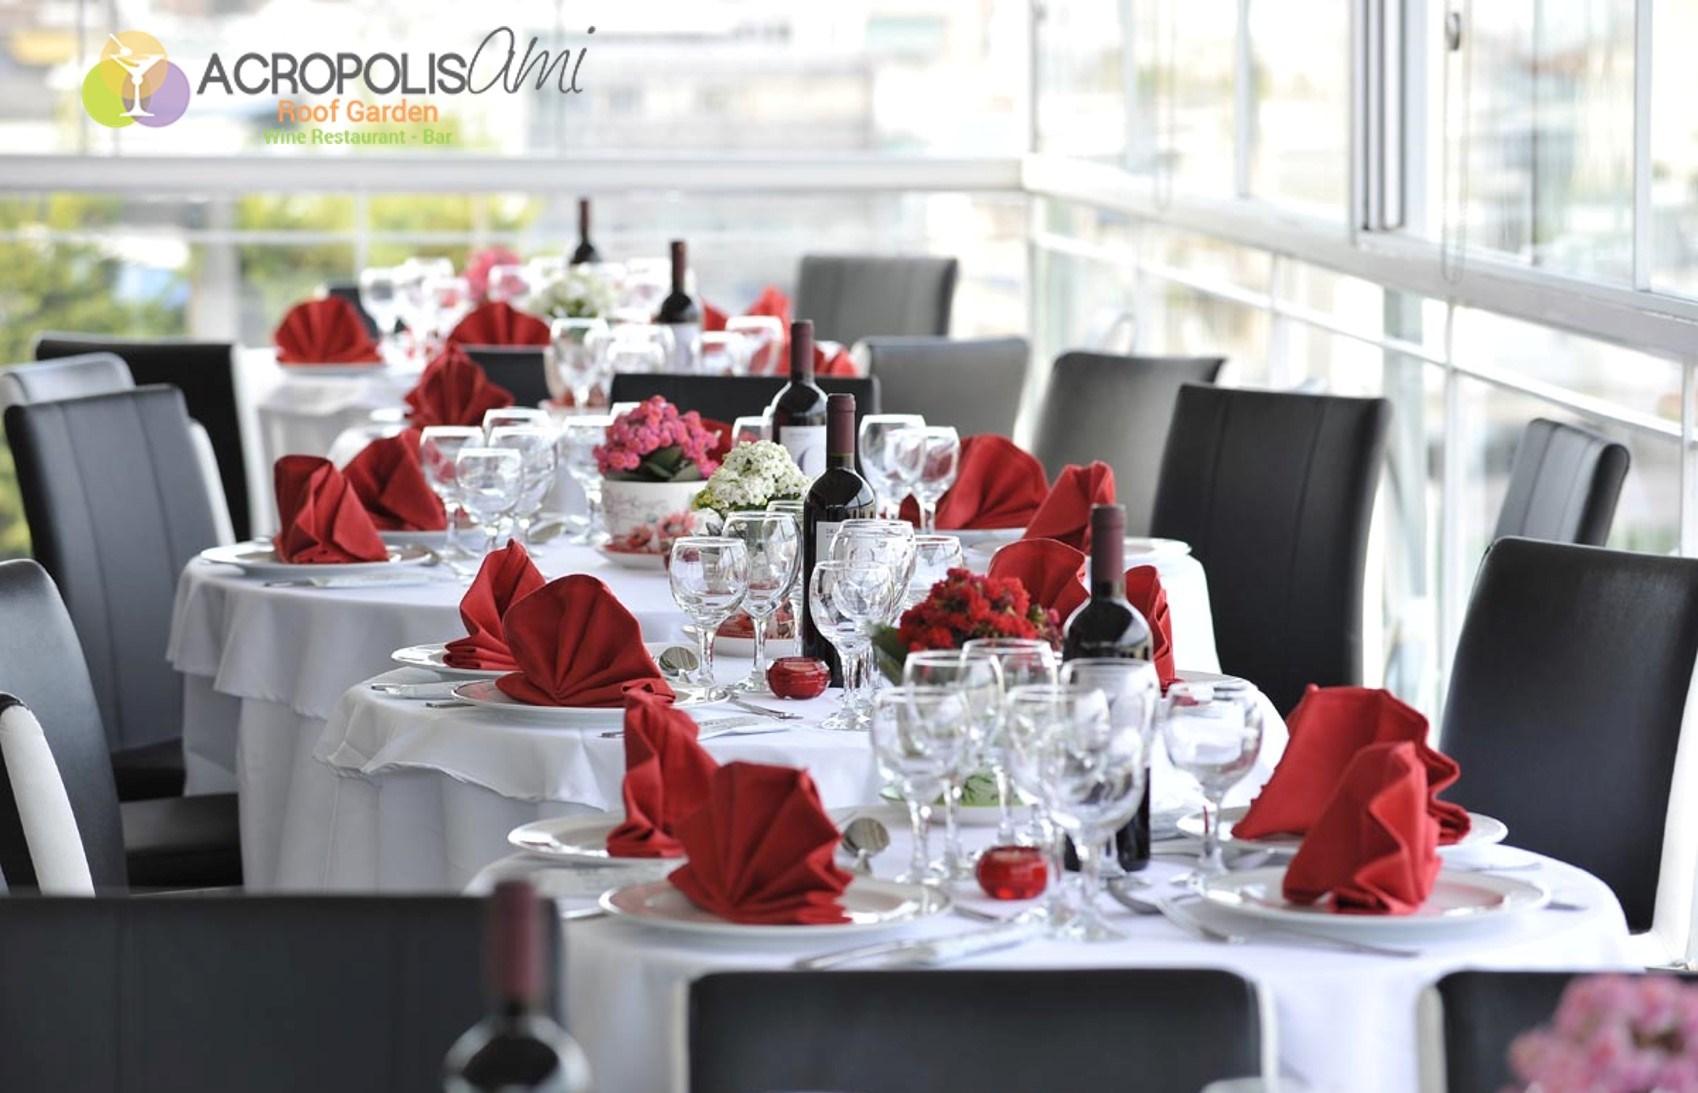 48€ από 80€ για πλήρες menu 2 ατόμων, ελεύθερη επιλογή, στο ''Acropolis Ami Roof Garden'', ένα από τα καλύτερα εστιατόρια της Αθήνας, με μοναδική θέα στην Ακρόπολη και τον Παρθενώνα, στο Λυκαβηττό και το λόφο του Φιλοπάππου